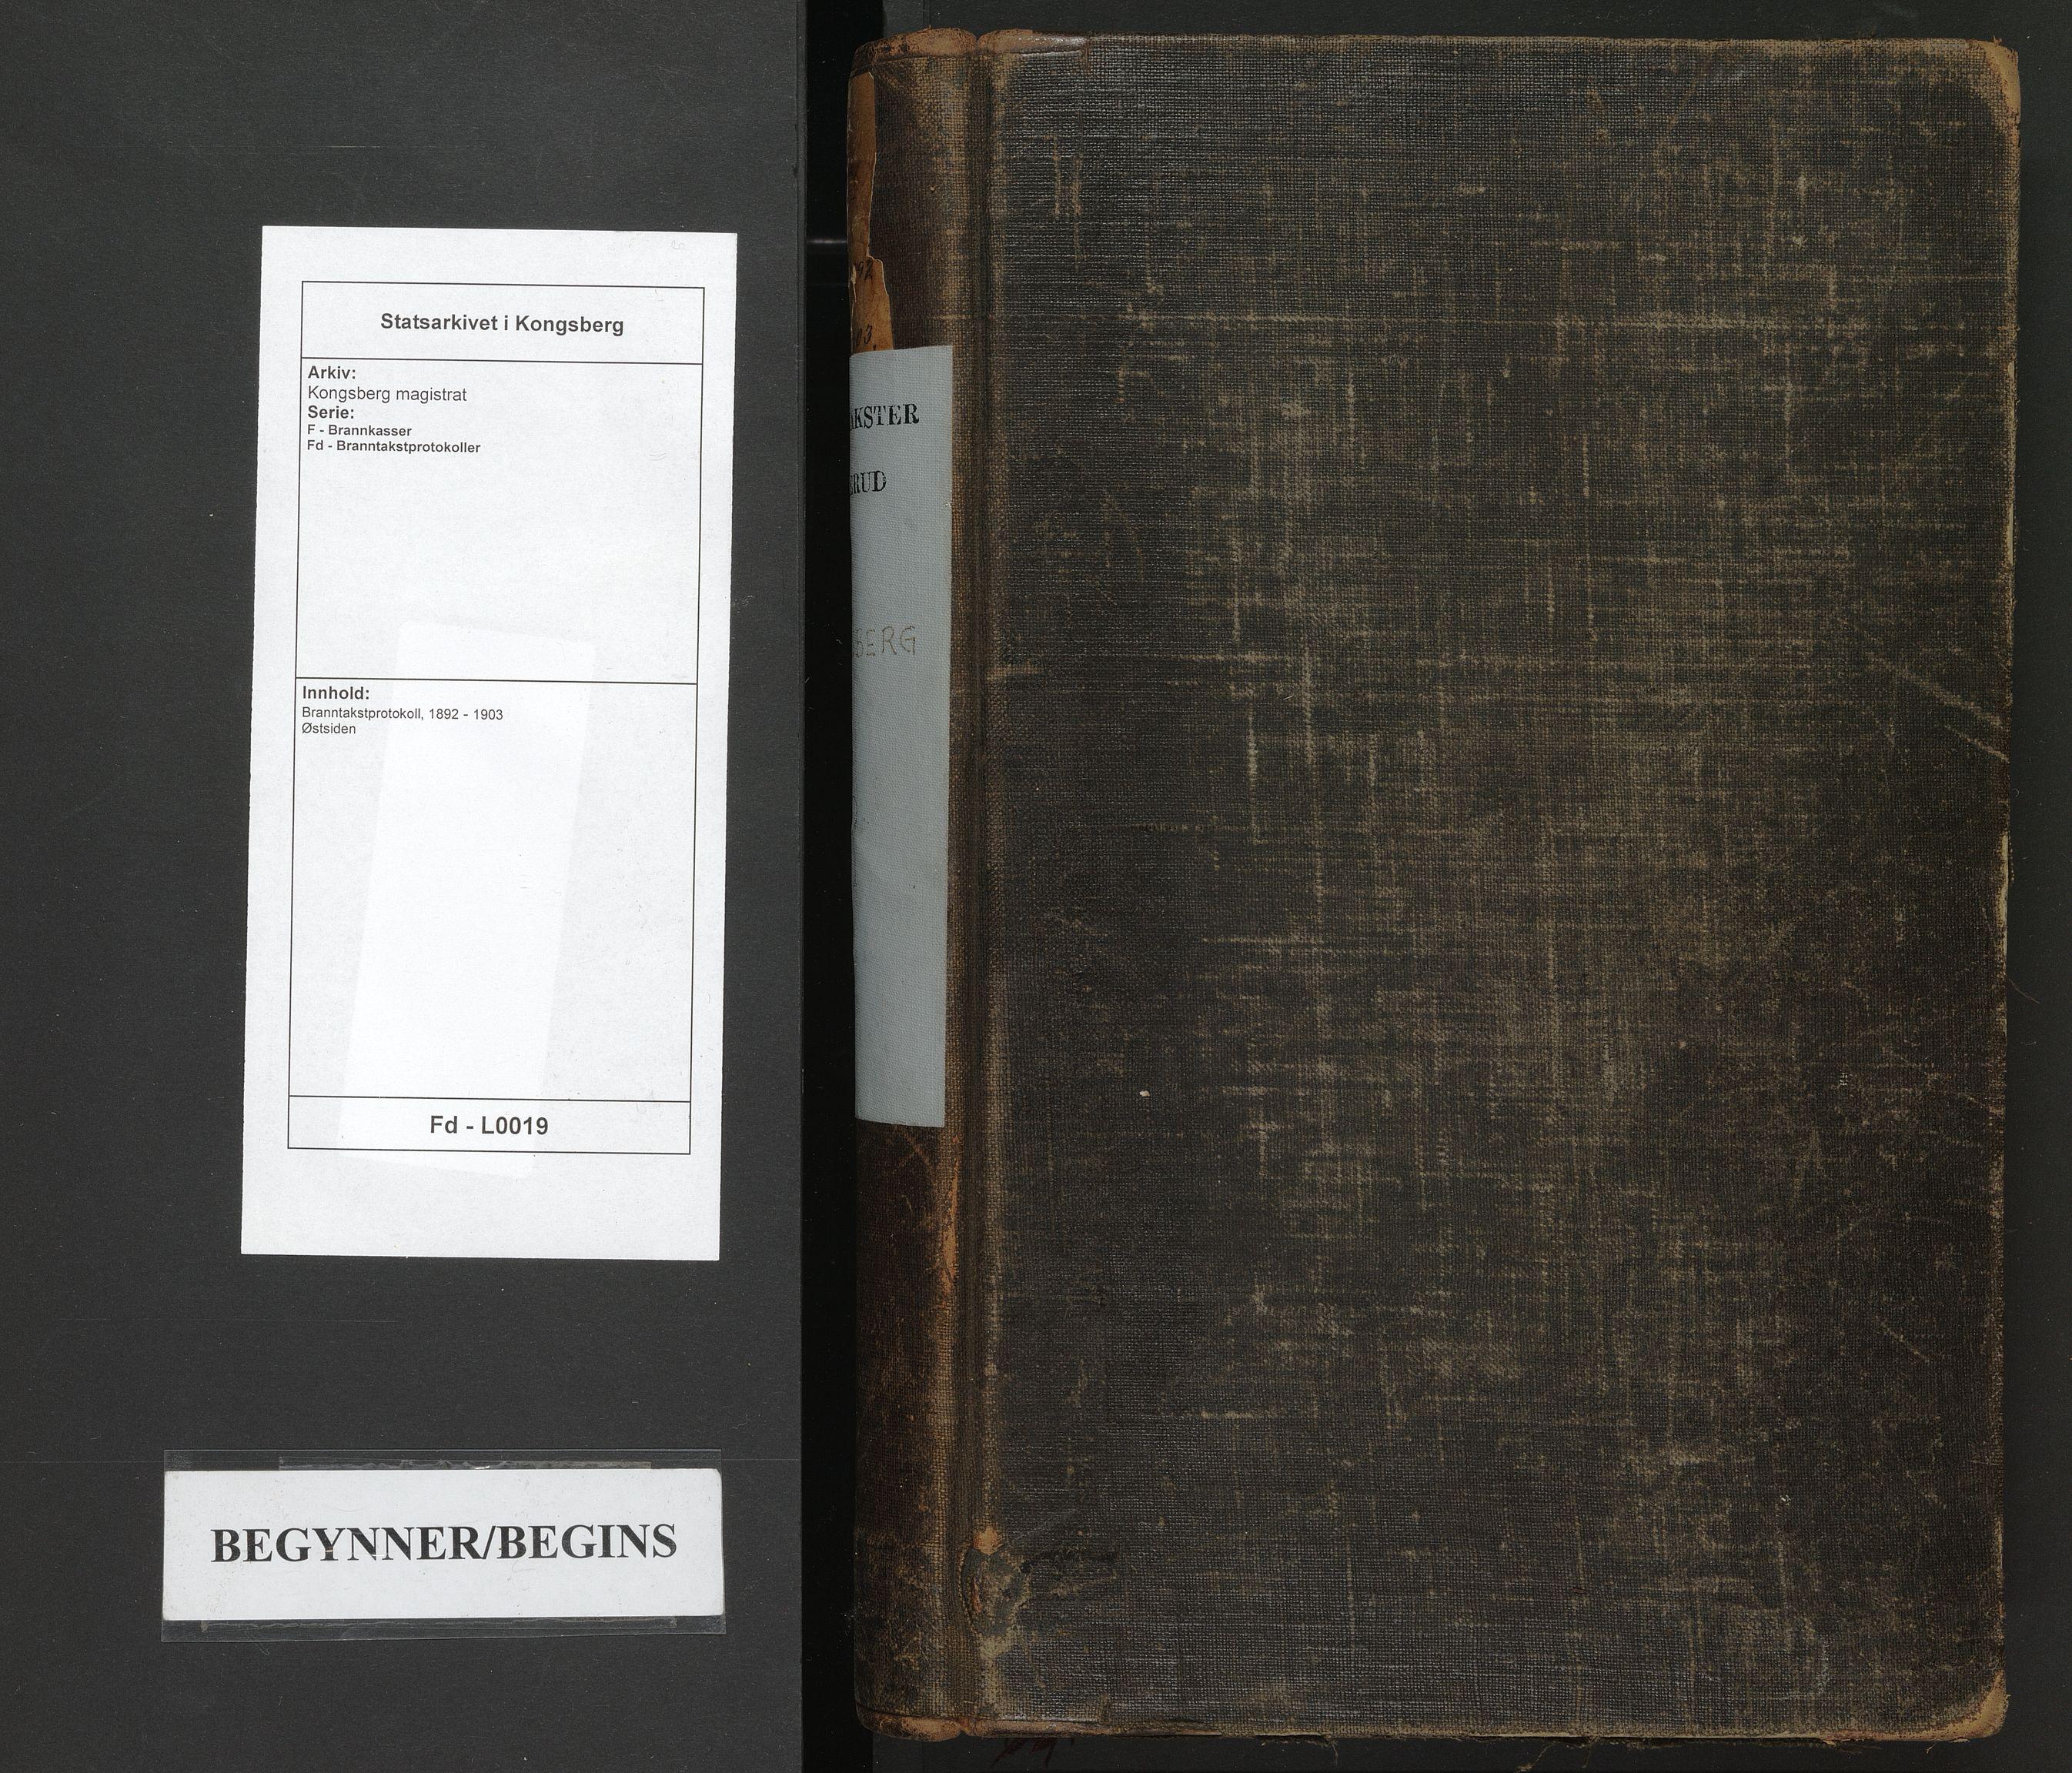 SAKO, Kongsberg magistrat, F/Fd/L0019: Branntakstprotokoll, 1892-1903